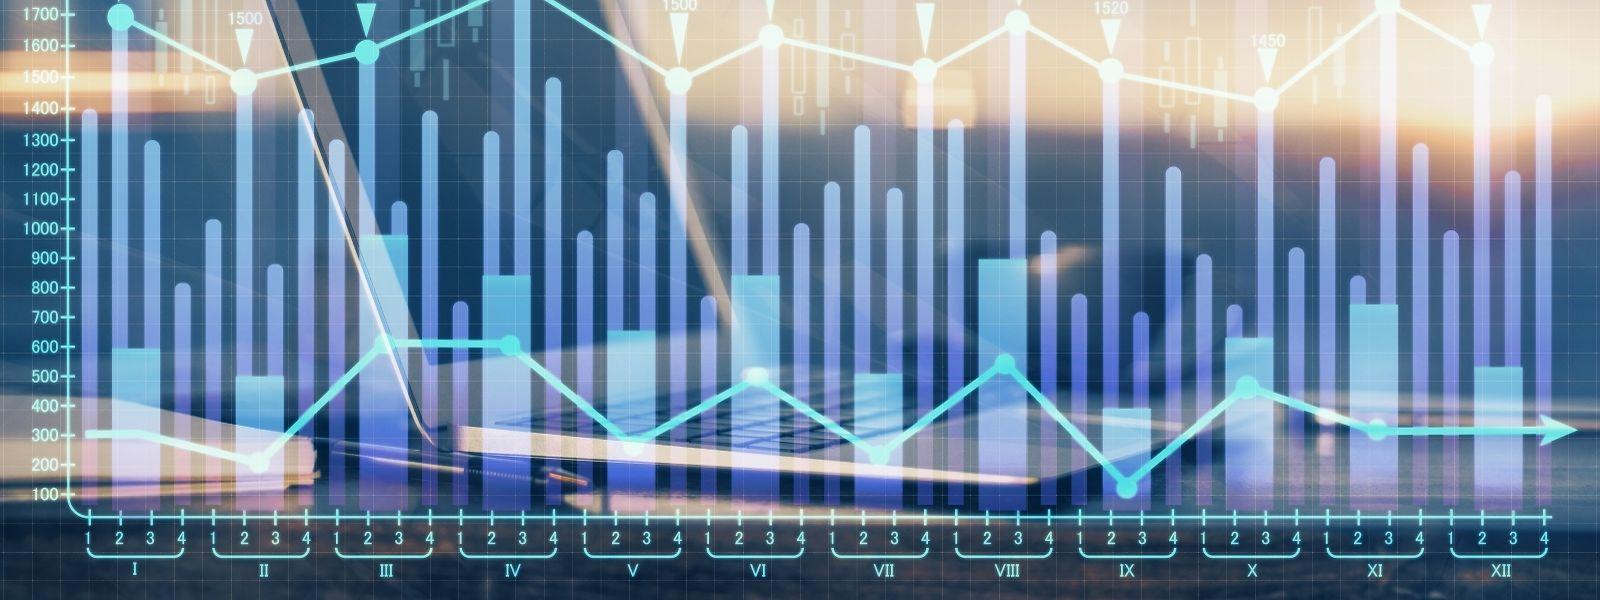 An Grafiken und Statistiken zu Covid-19 herrscht momentan kein Mangel, doch was sagen die Daten aus und was nicht?